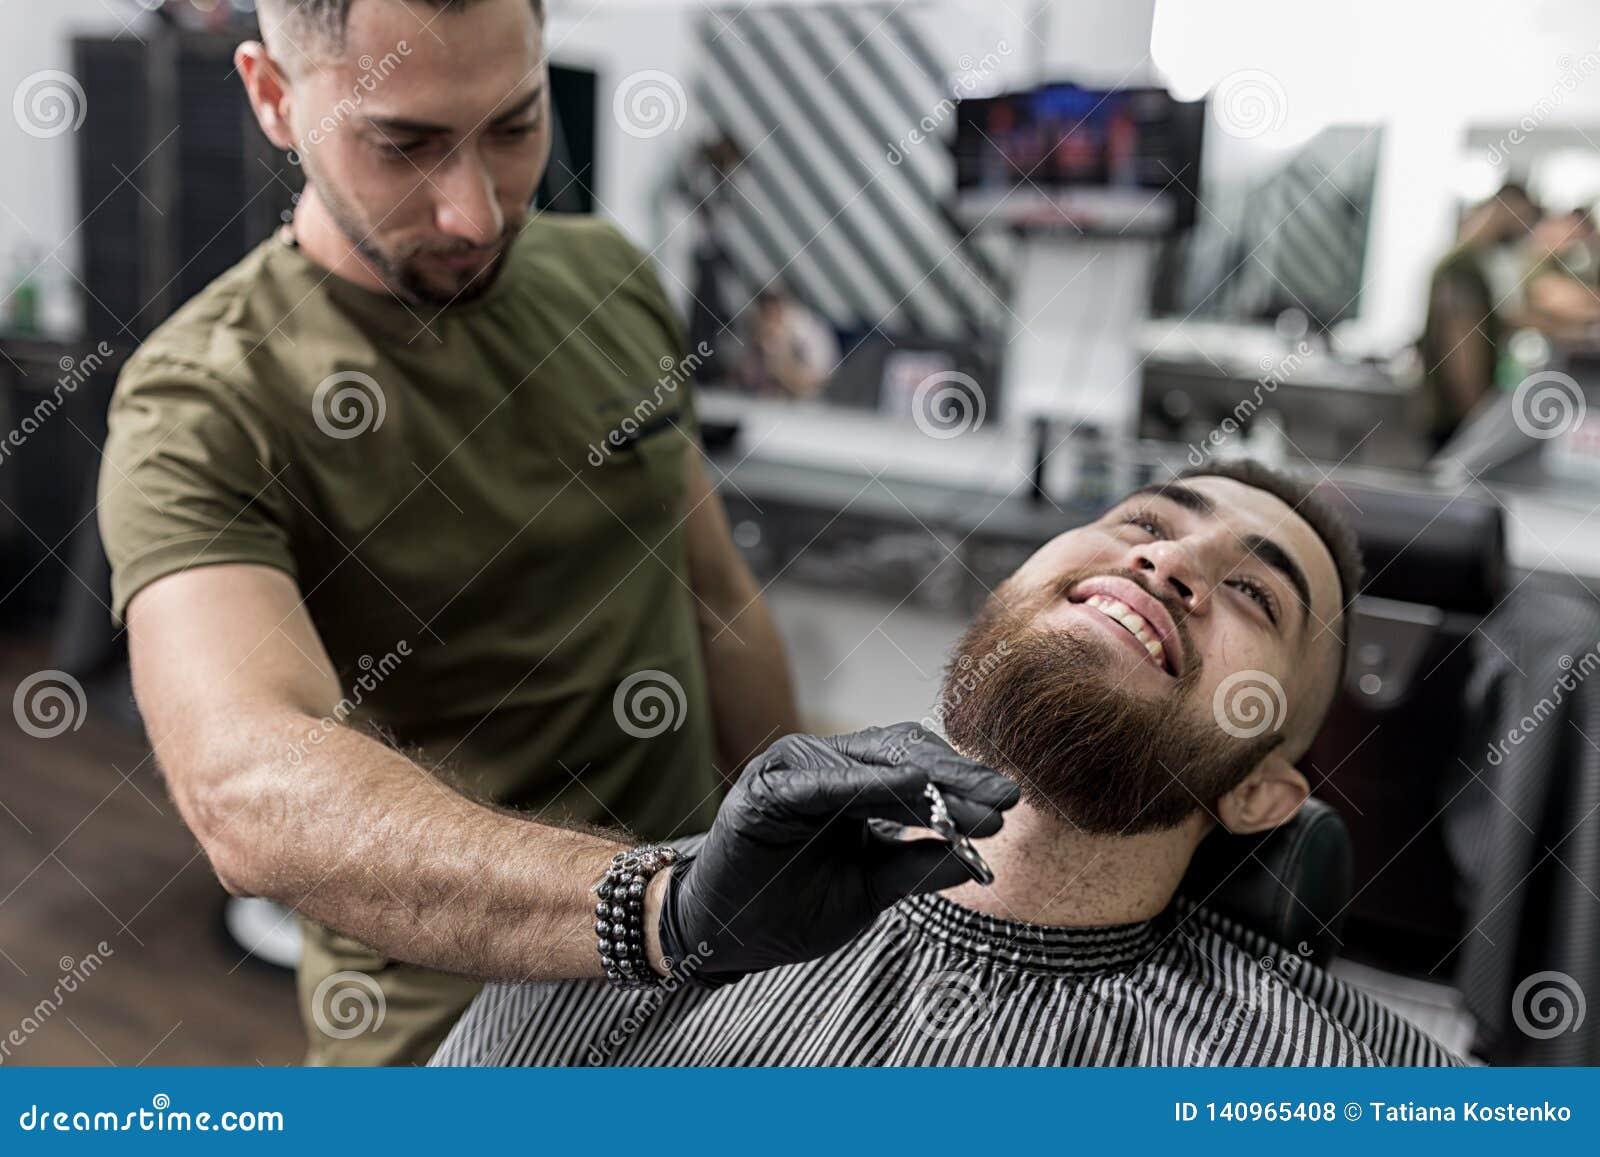 Stilvoller Mann mit einem Bart sitzt an einem Friseursalon Friseur trimmt den Bart der Männer mit Scheren